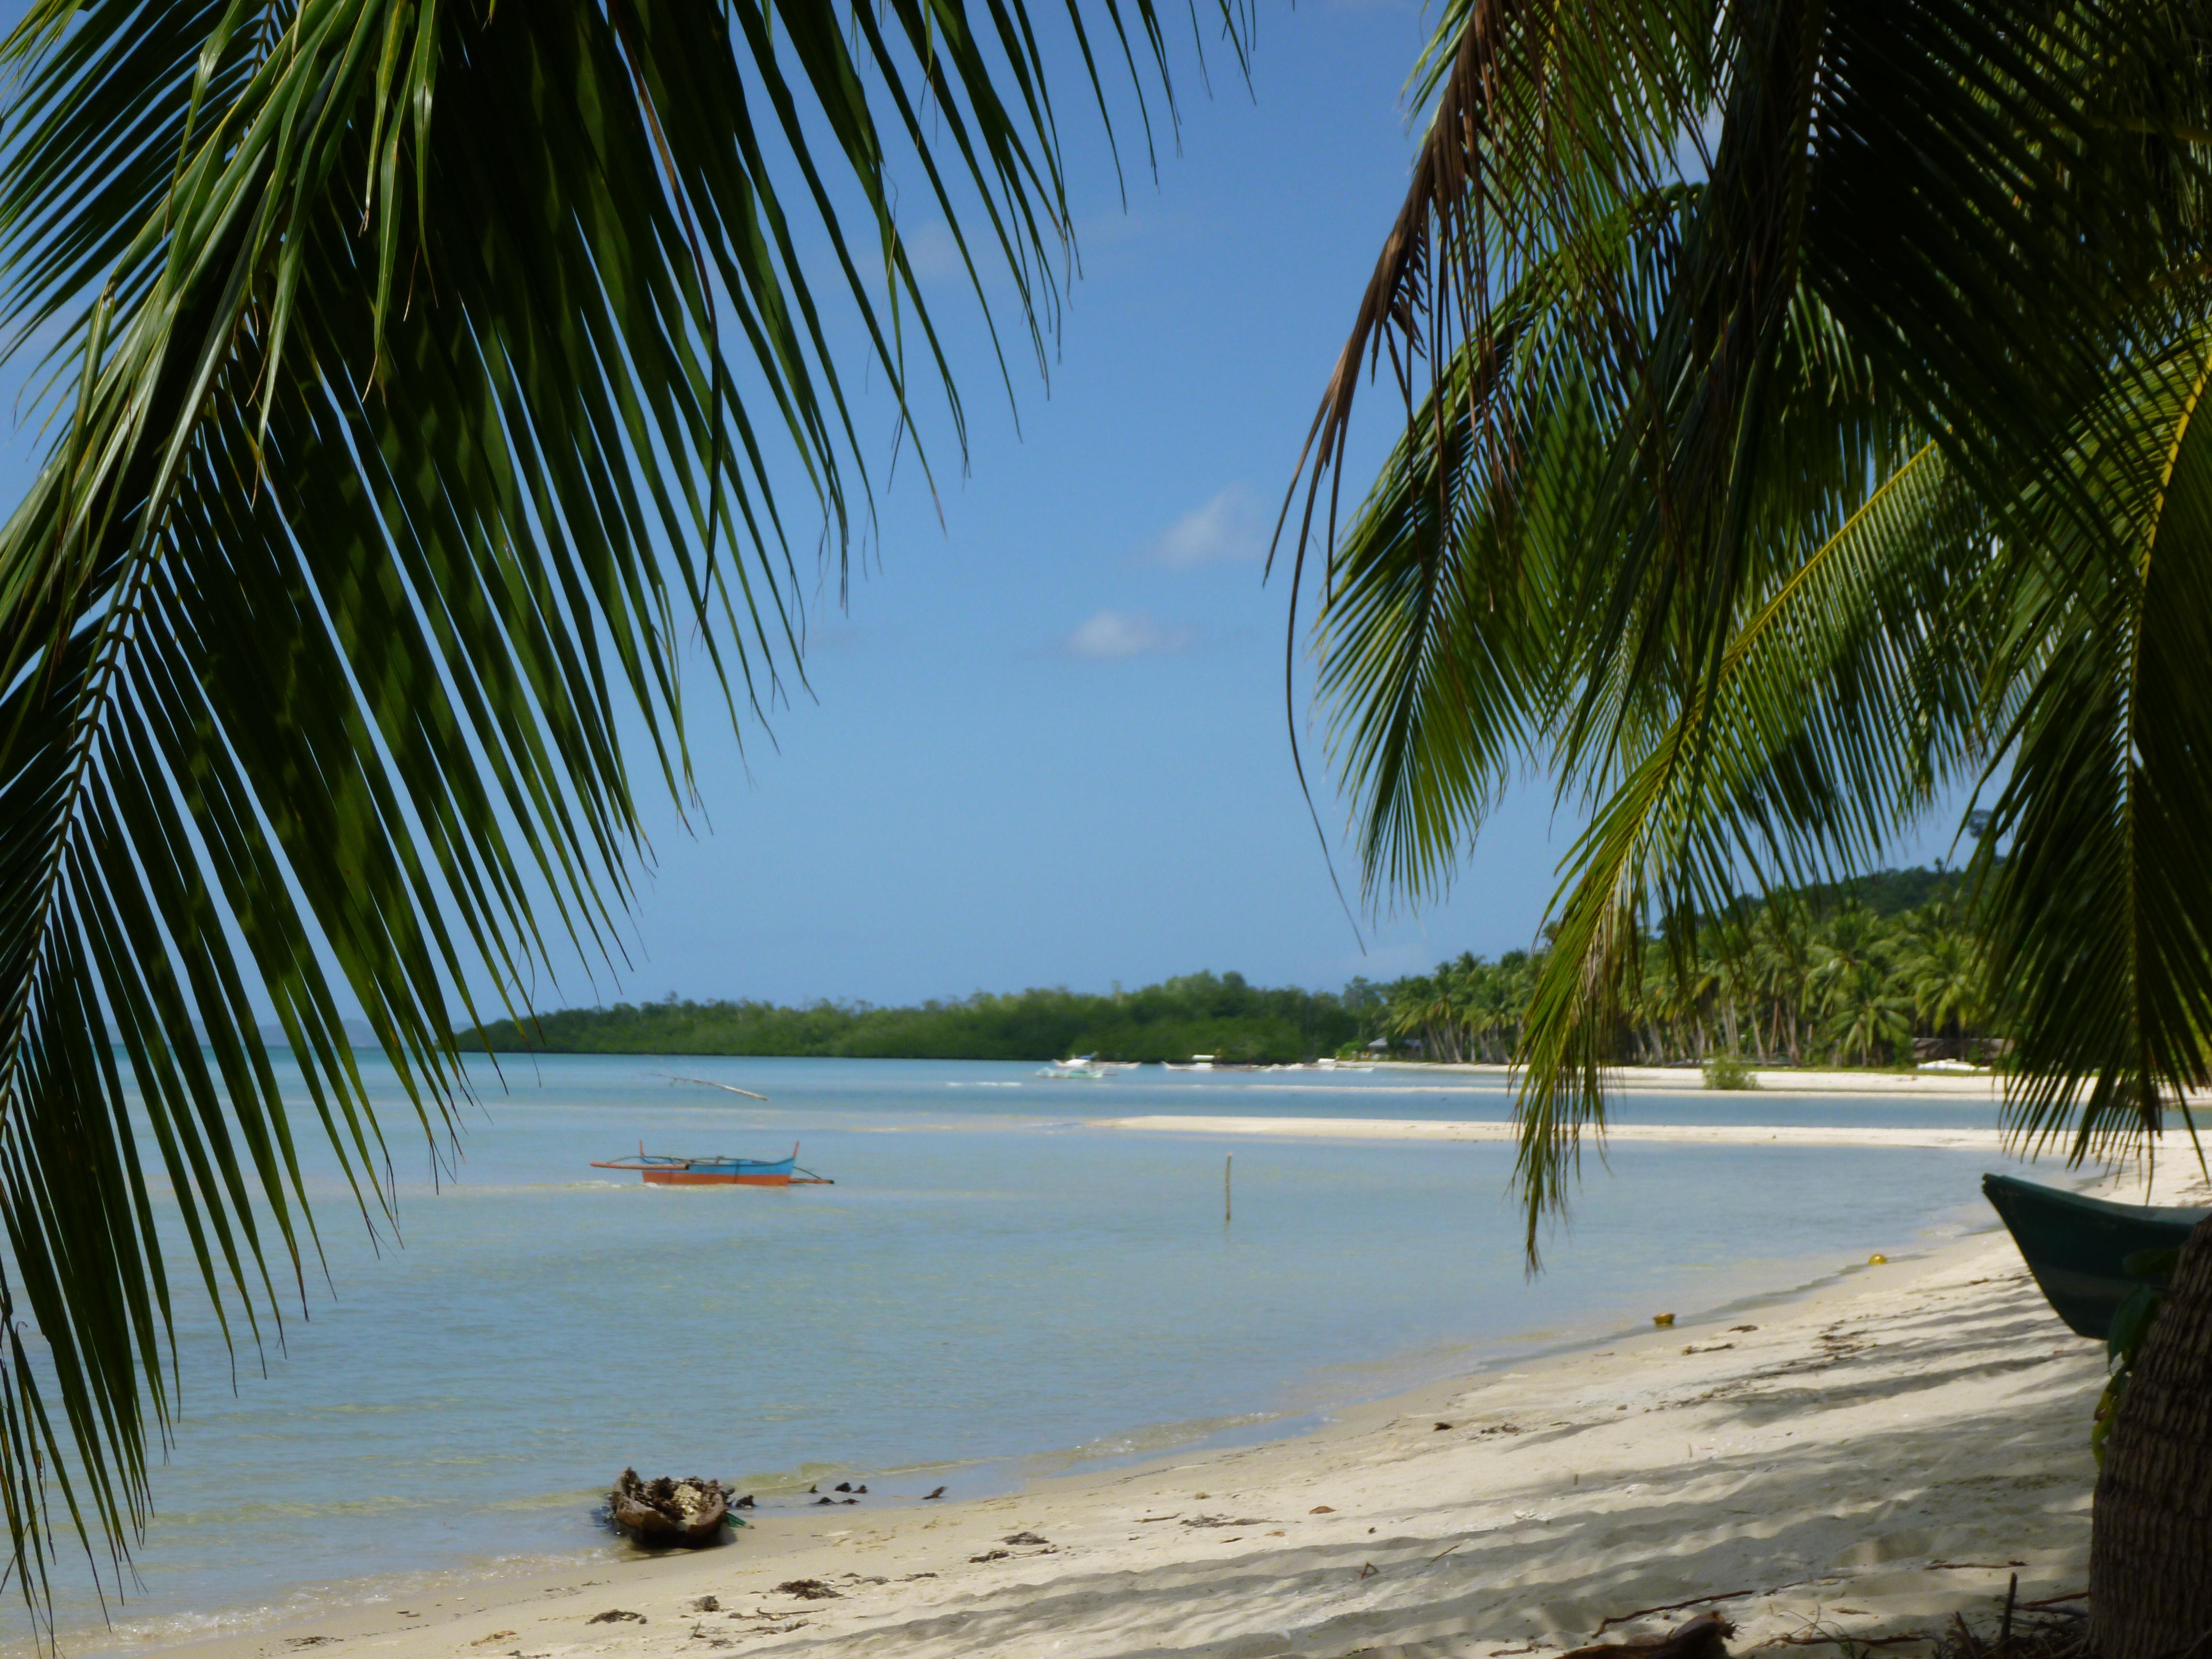 plage déserte de Pamuayan